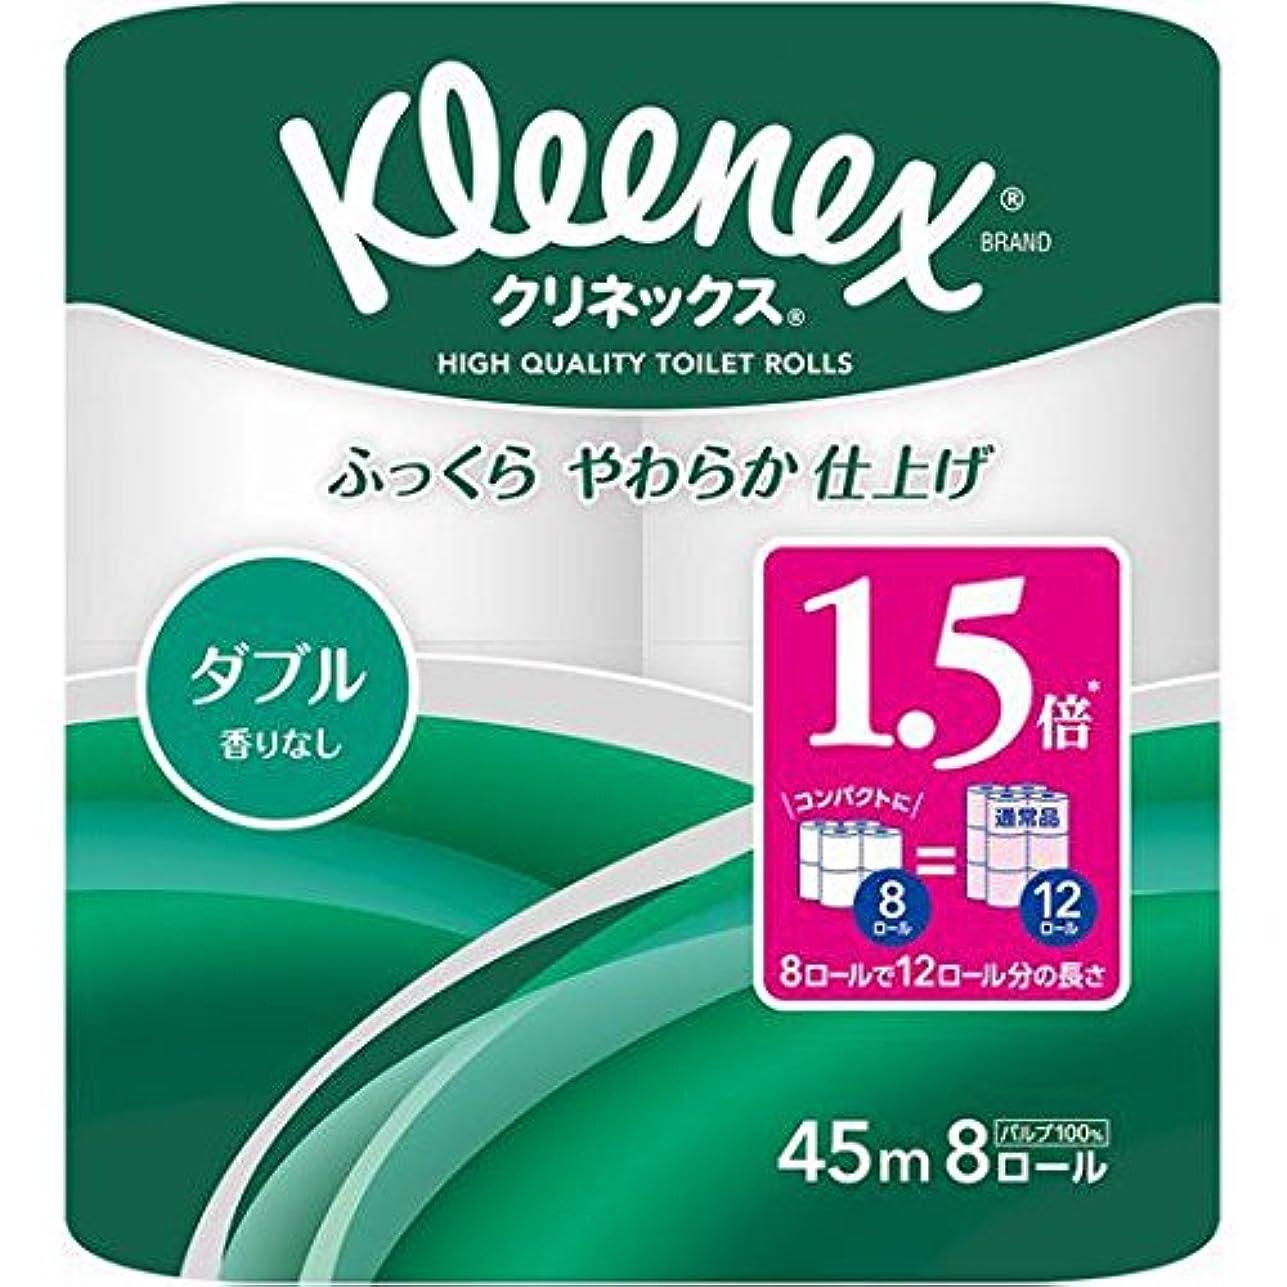 胃無実補償りんご酸配合の消臭コア 厳選したパルプ100%を使用 8ロールで12ロール分の長さ! クリネックス 1.5倍巻き ダブル8ロール 8入